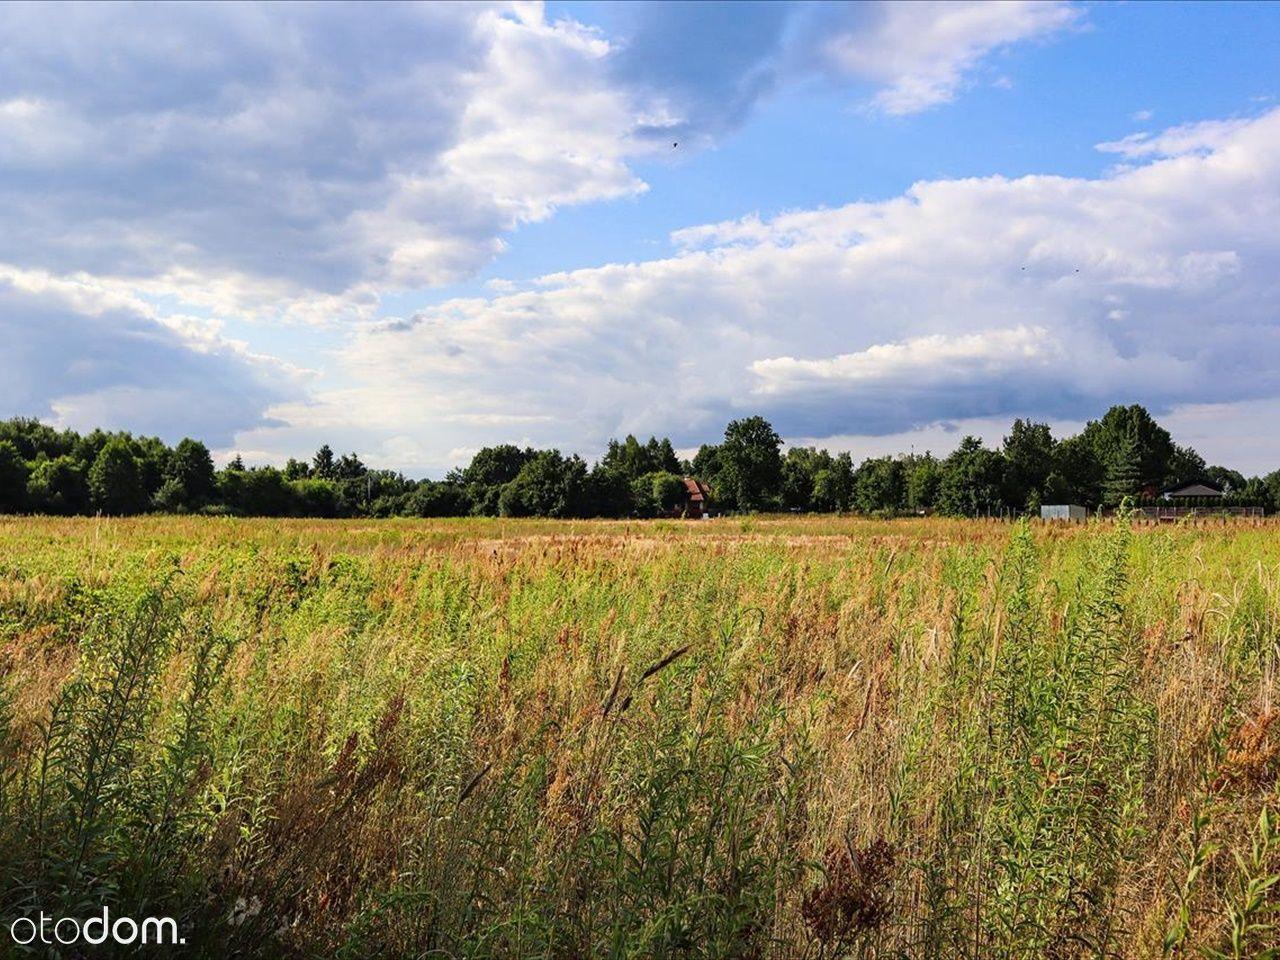 Działka w rejonie Łódź Polesie, w zielonej okolicy